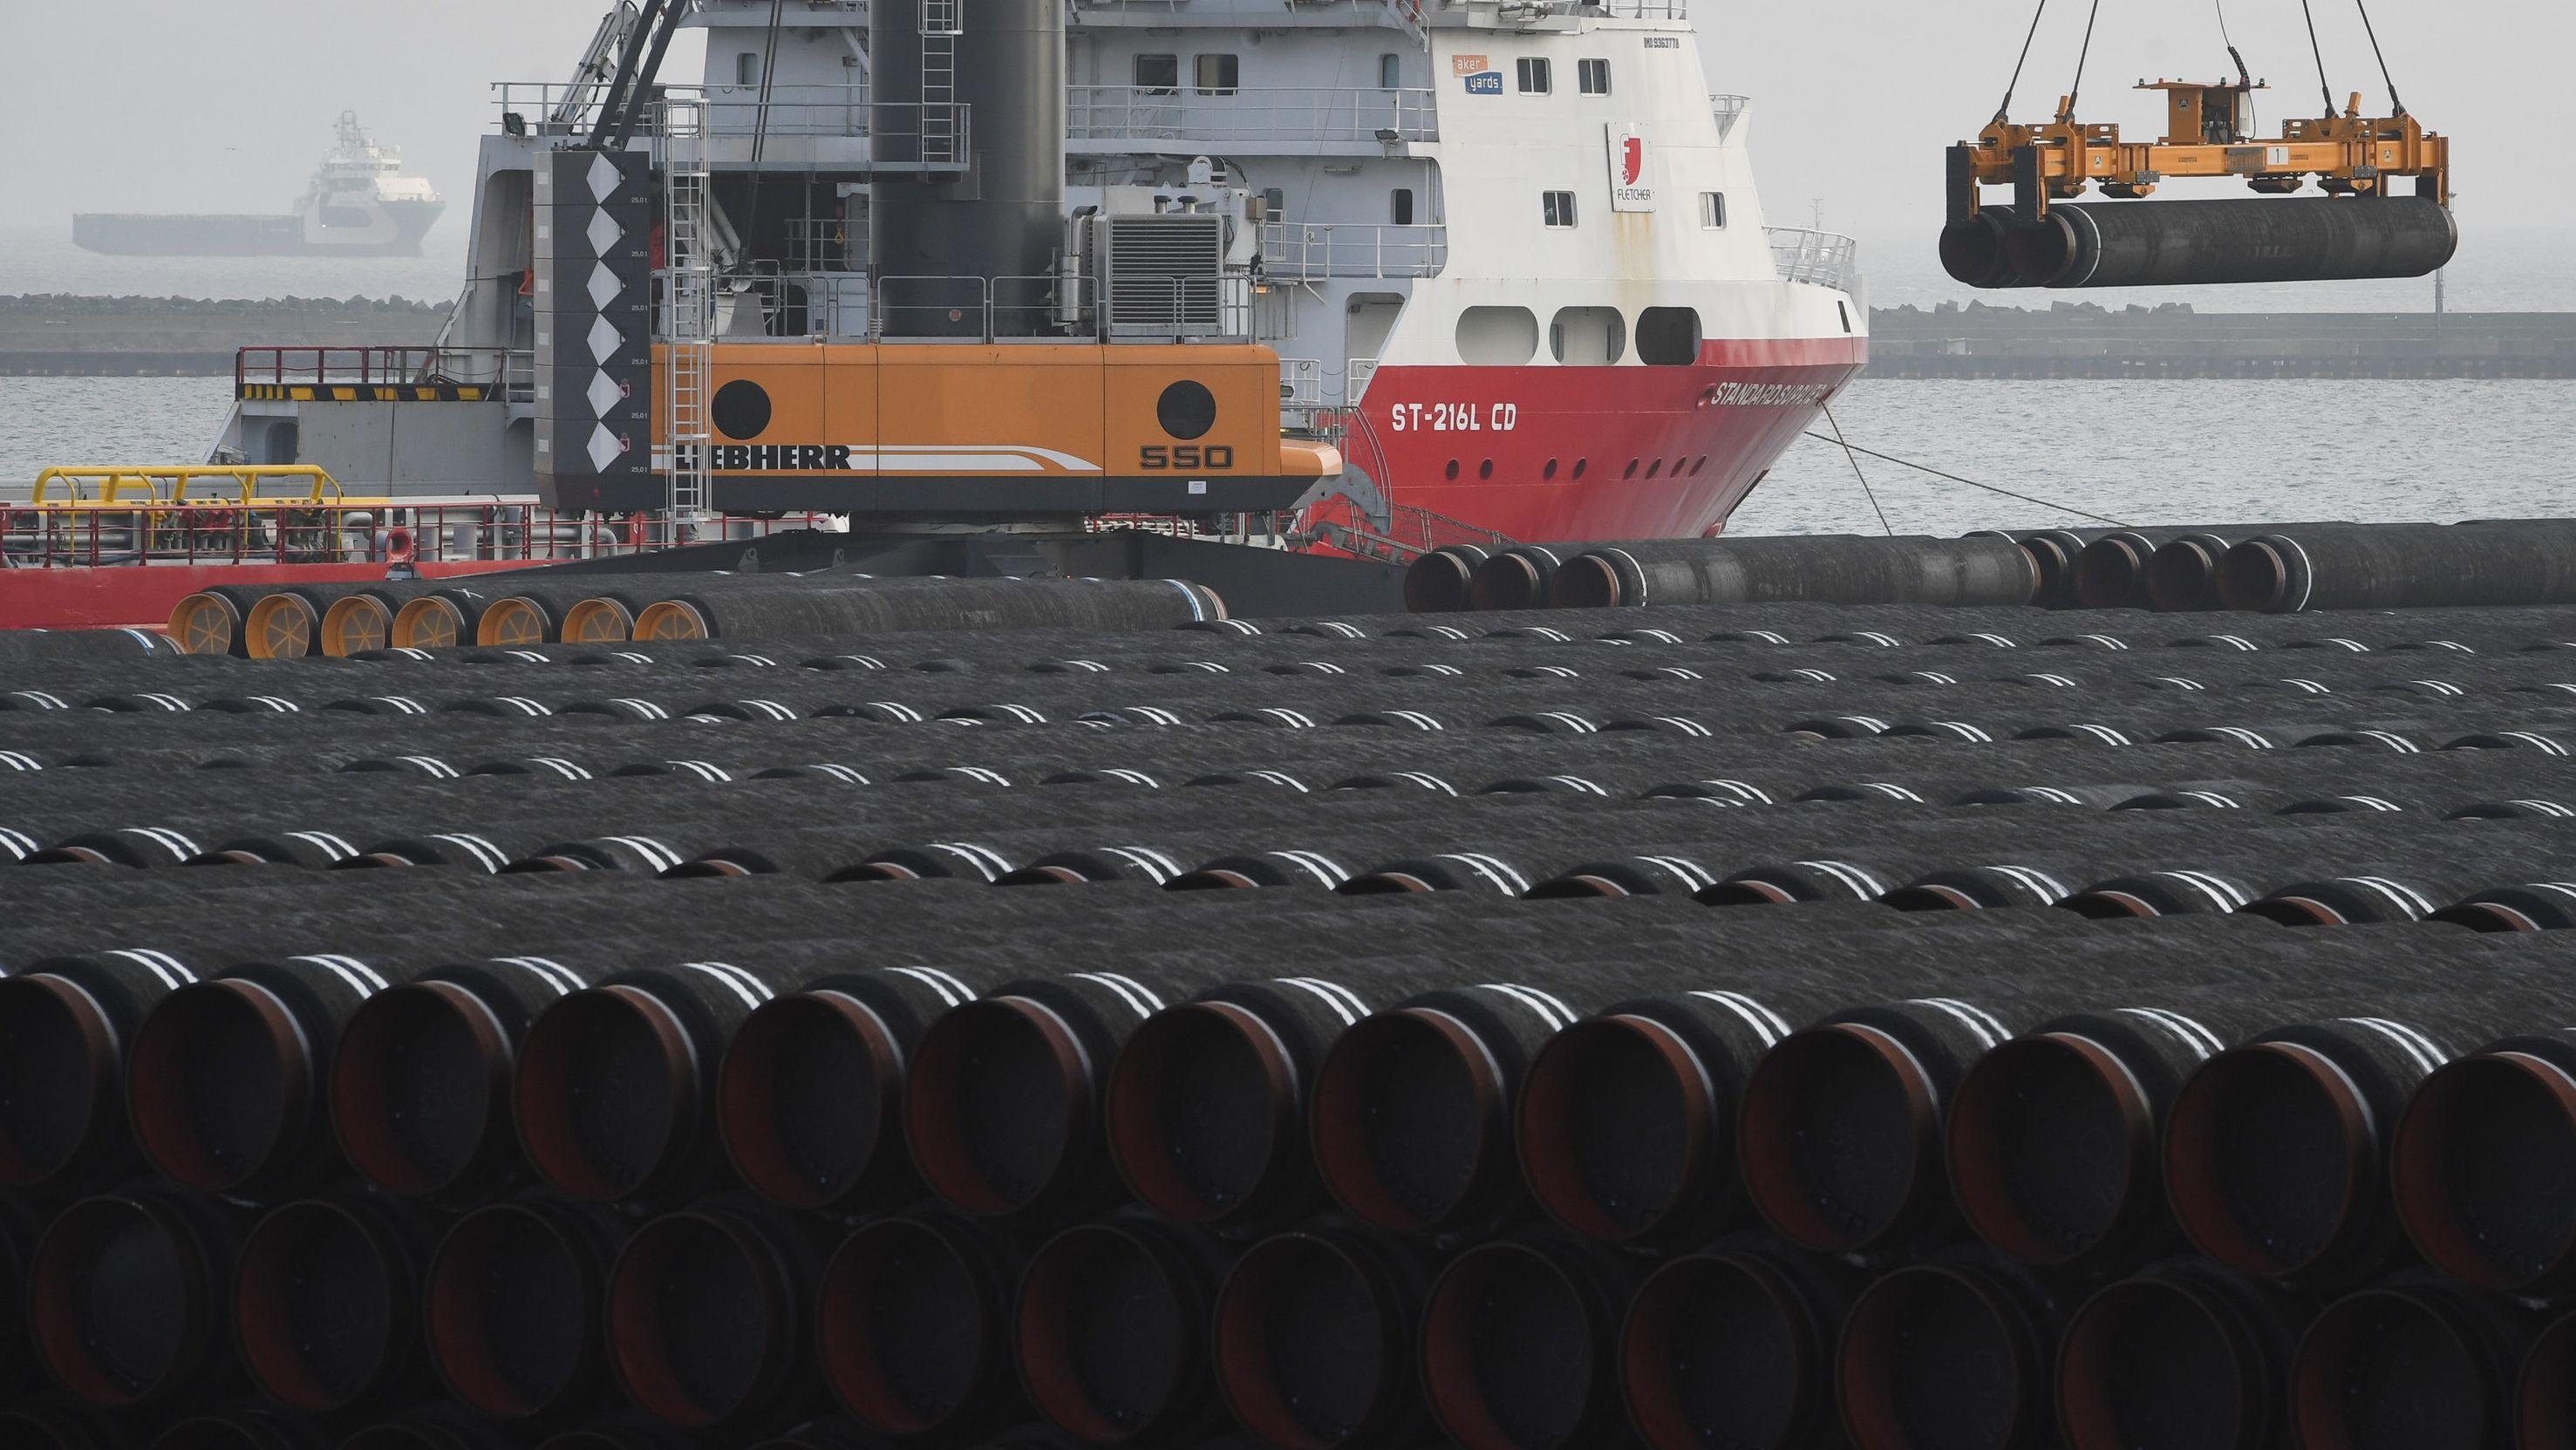 Hafen mit Containerschiff